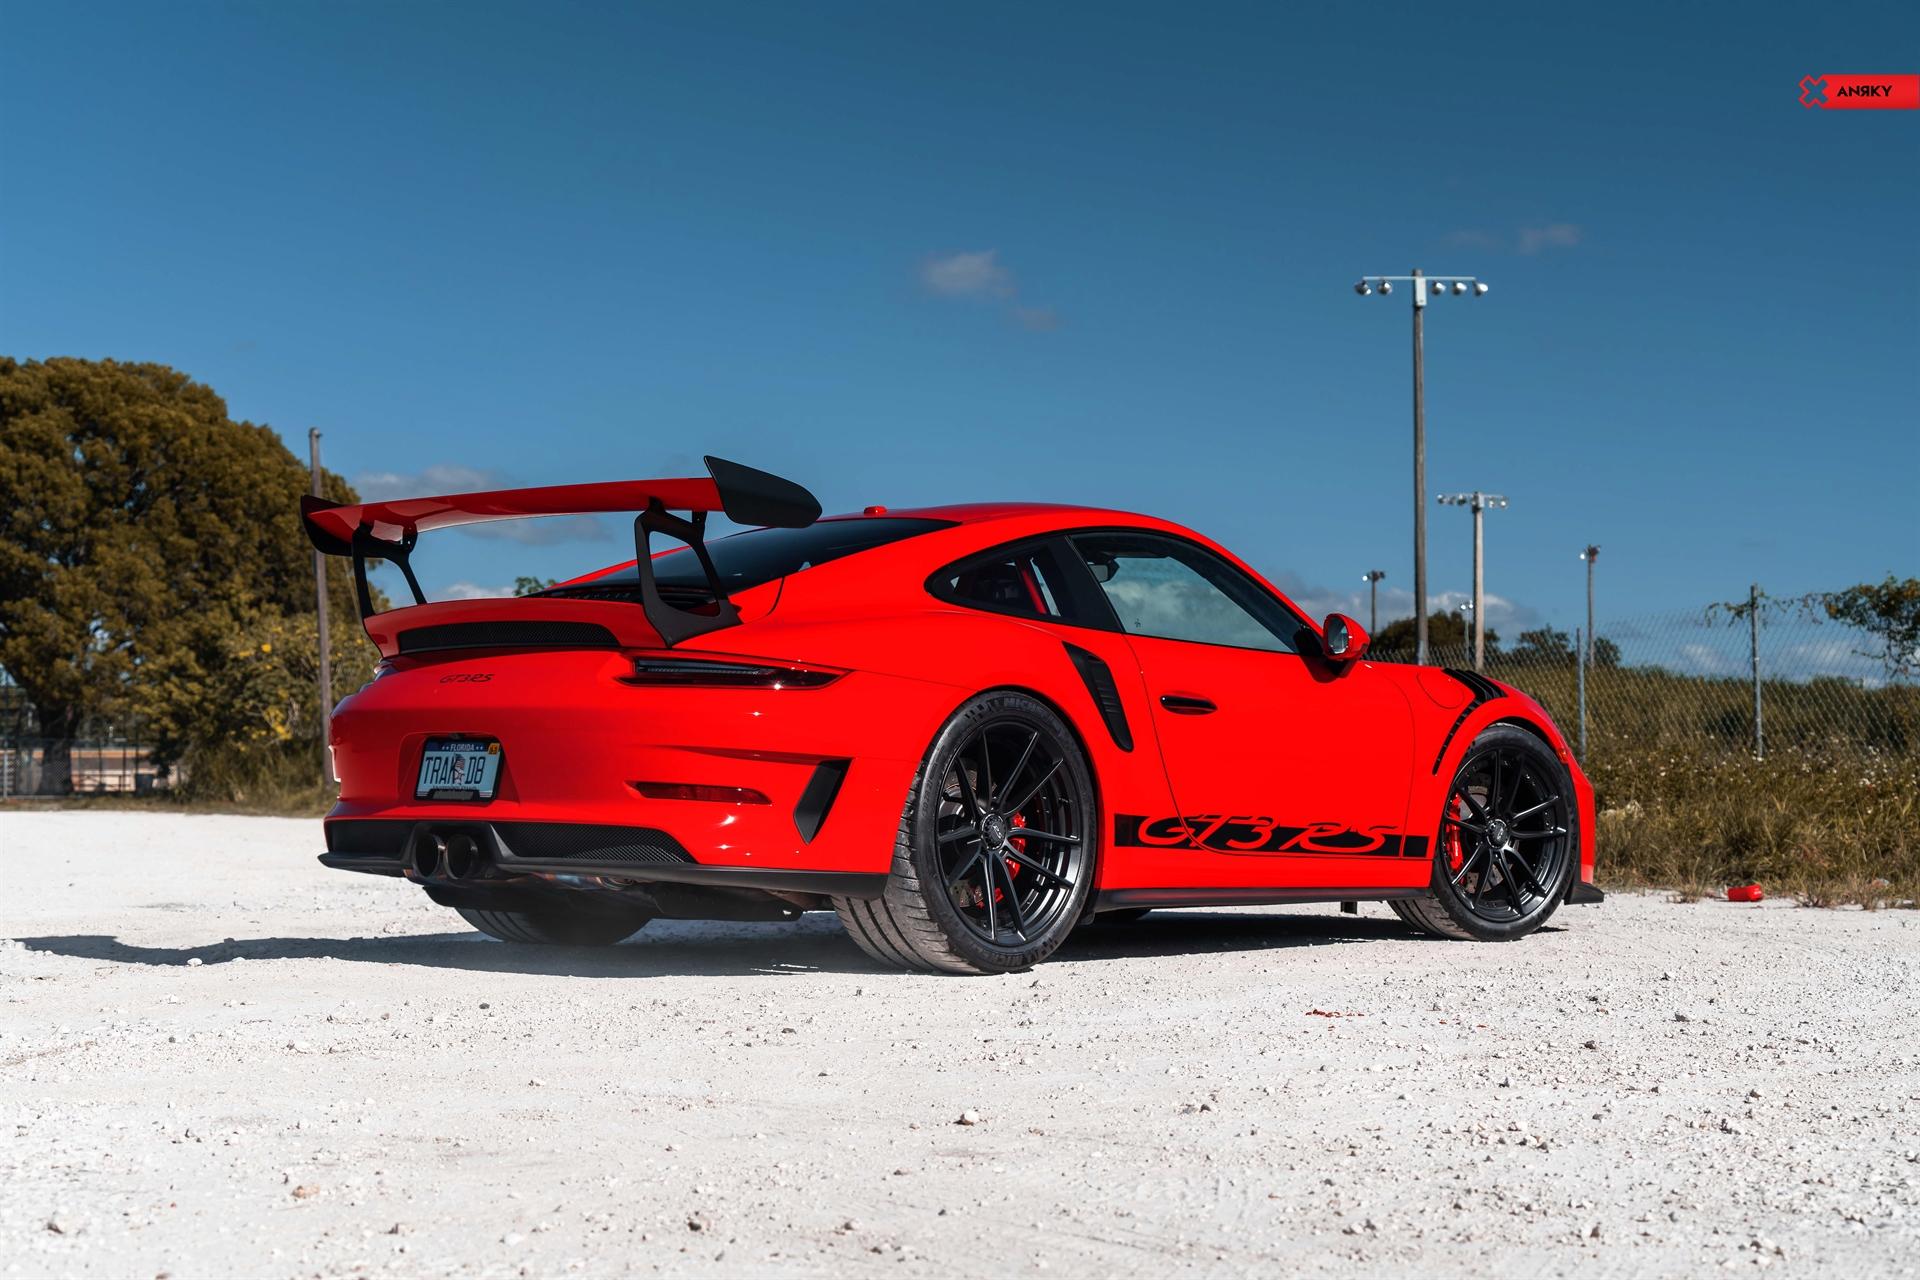 Porsche 991.2 GT3RS – AN24 SeriesTWO